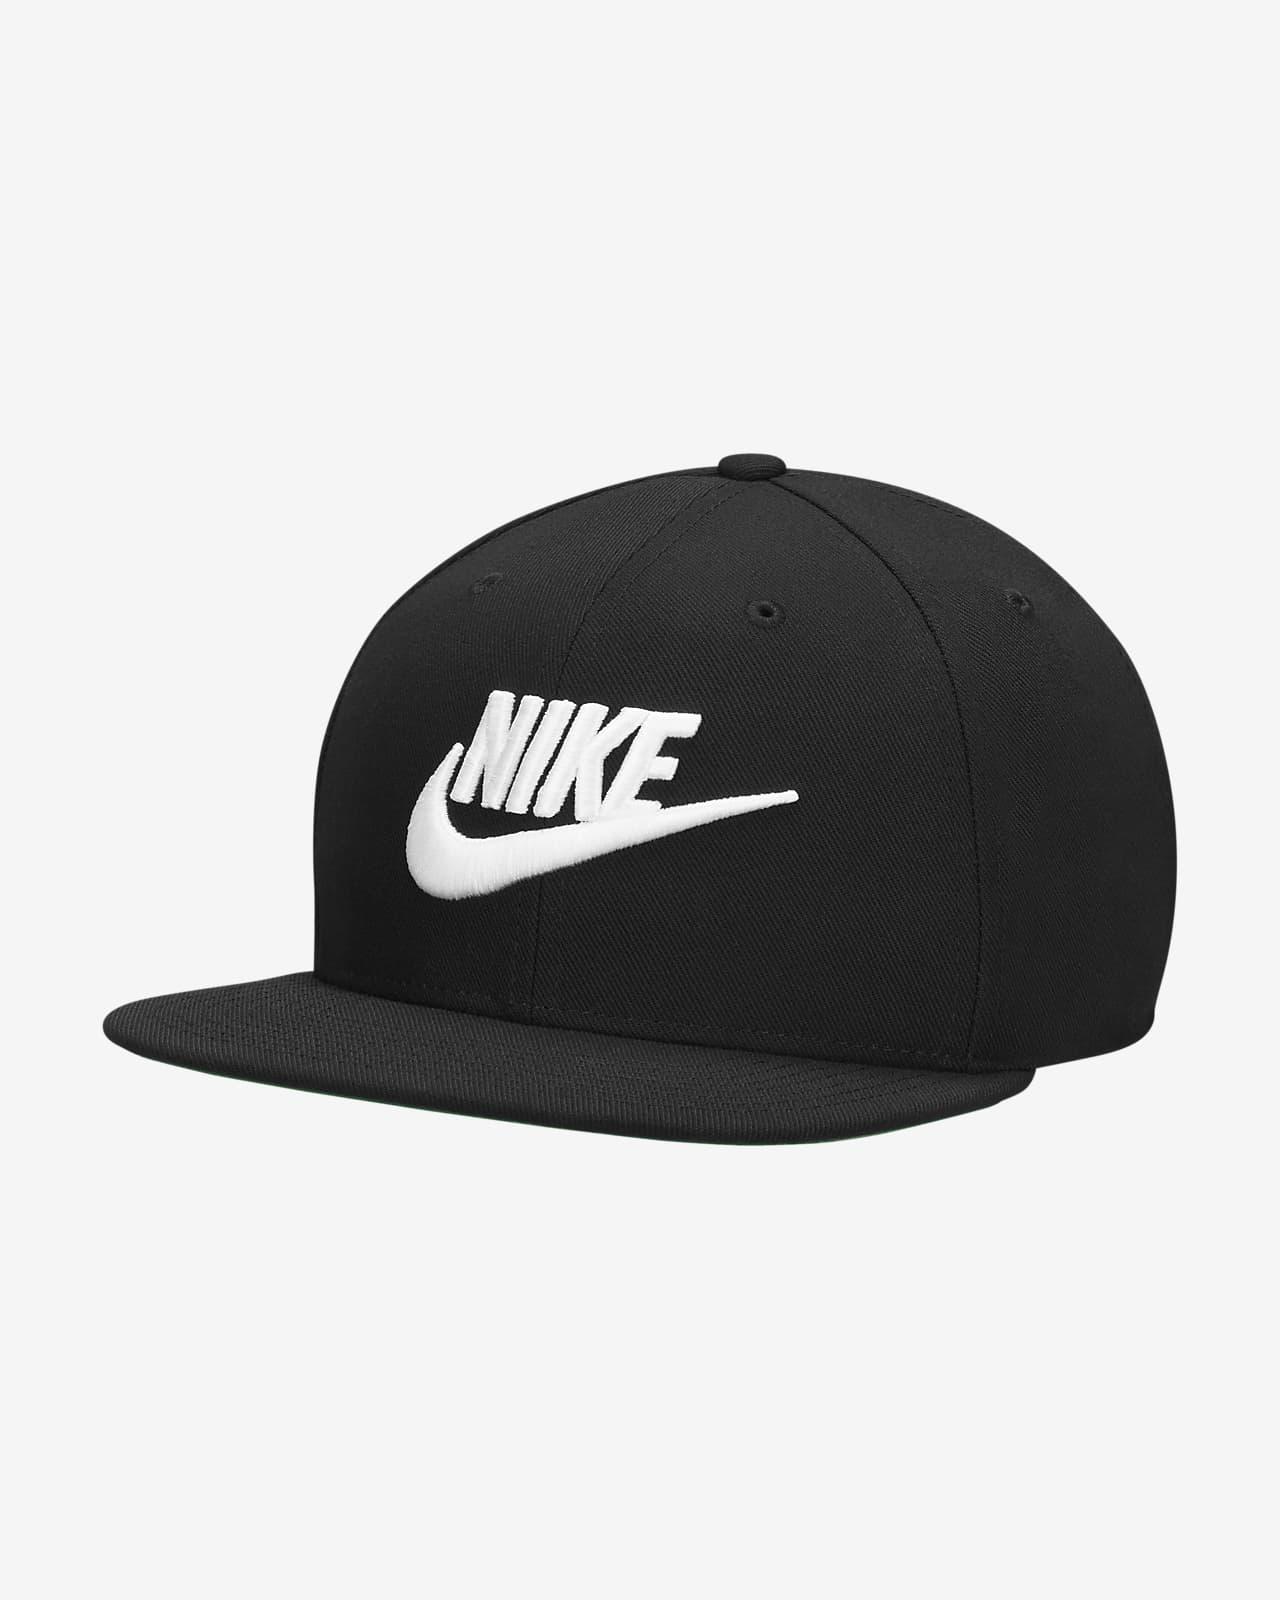 Nike Sportswear Dri-FIT Pro Futura Adjustable Cap